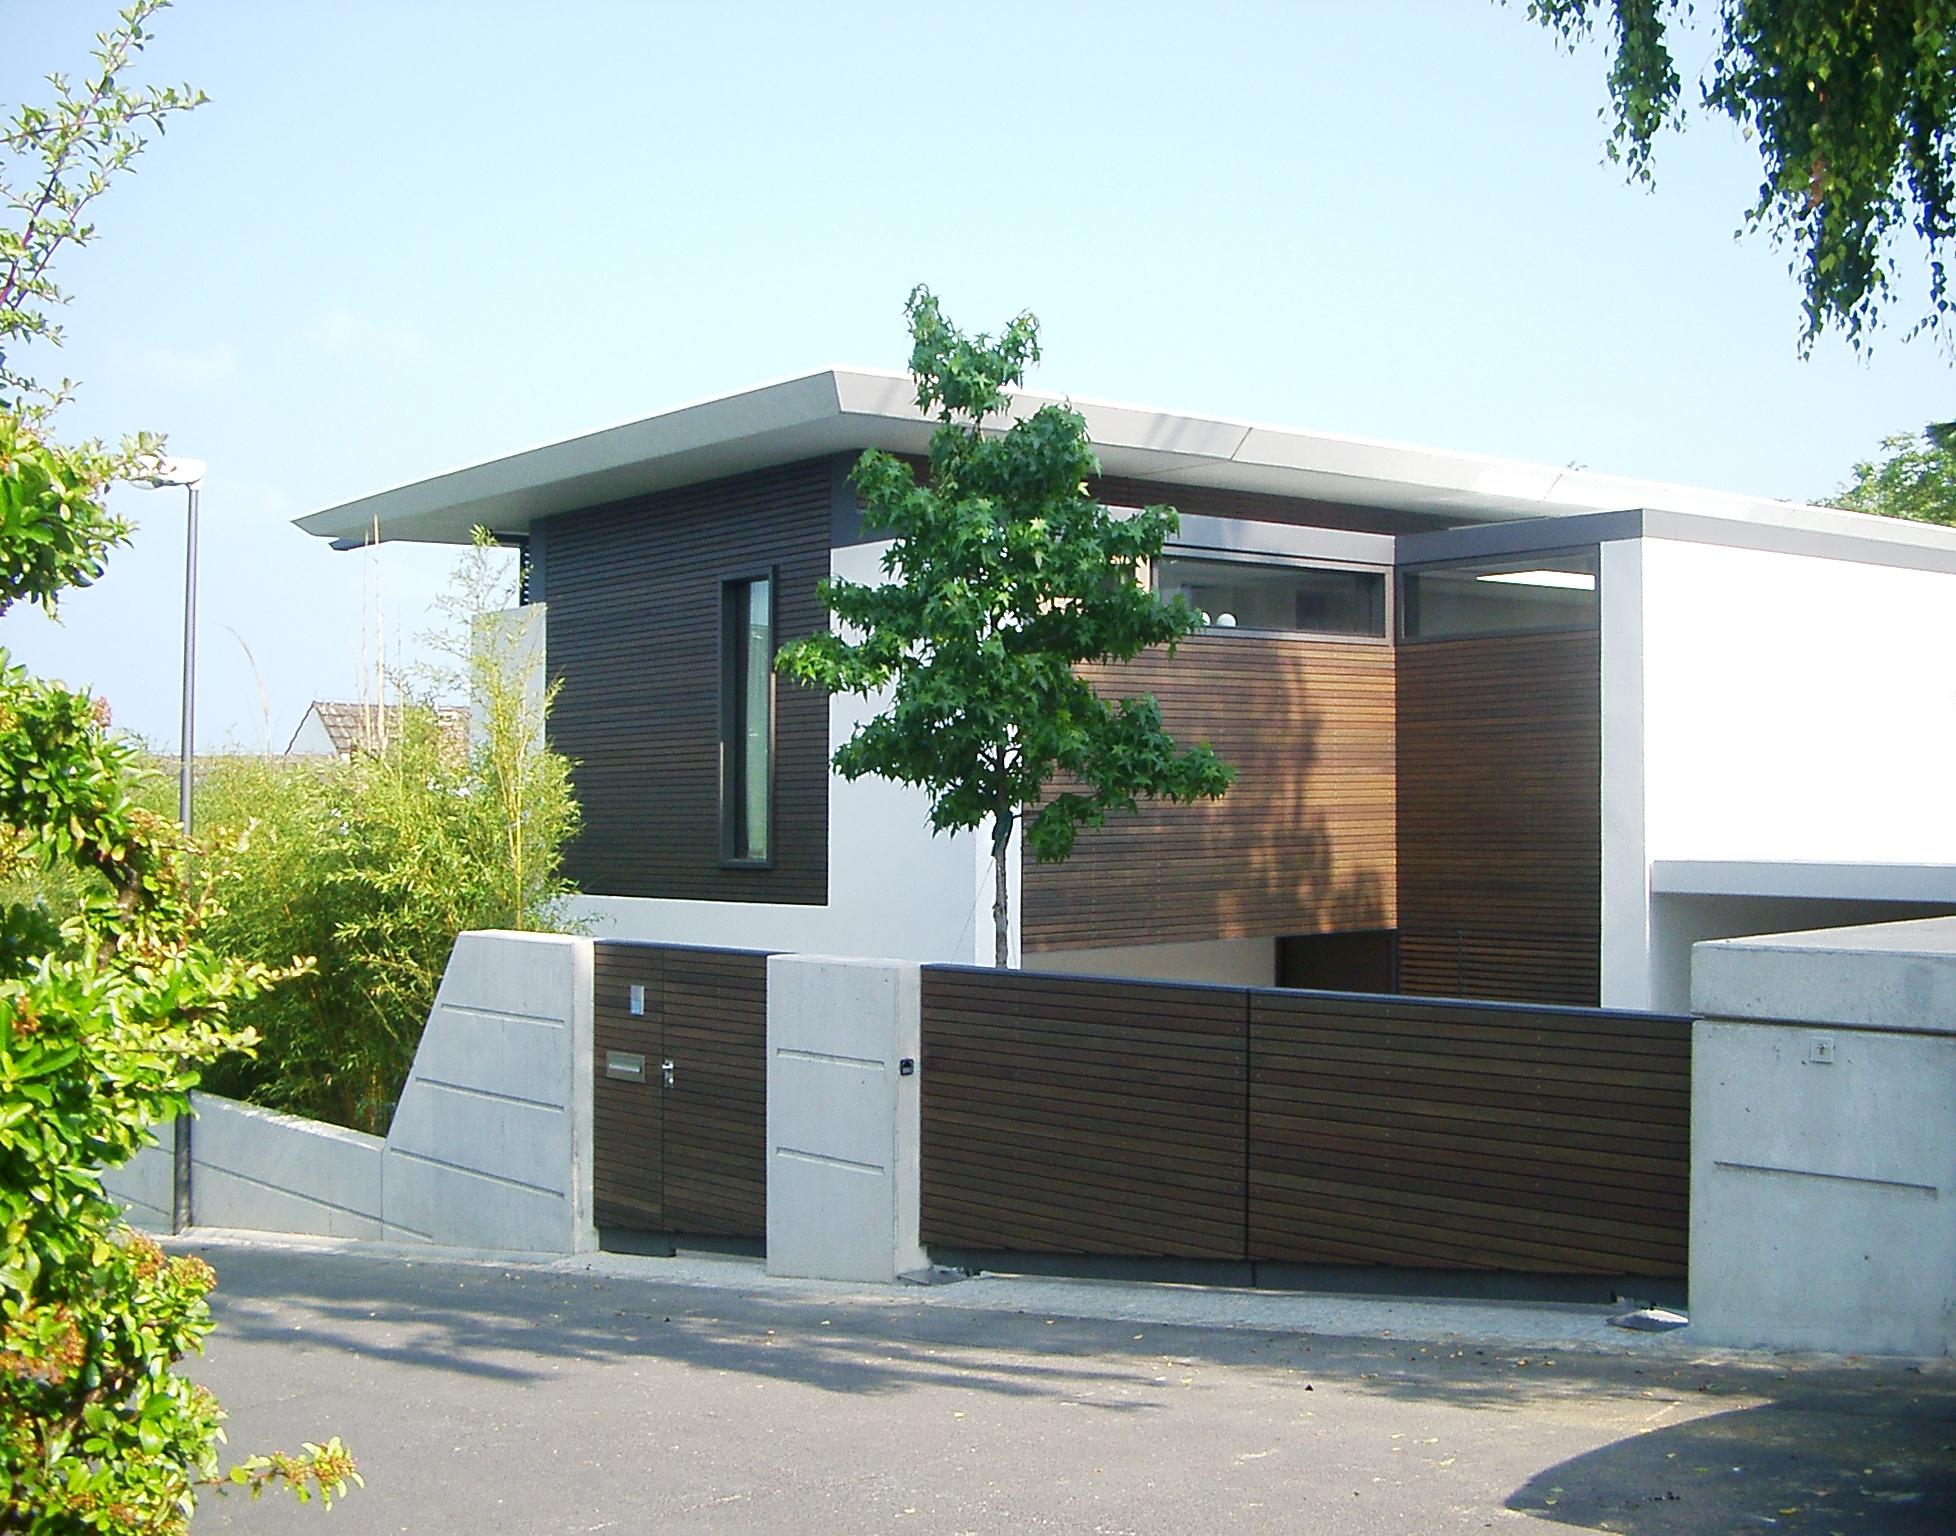 Architekt Würzburg wohnhaus würzburg 01 ruhl albert architekten würzburg